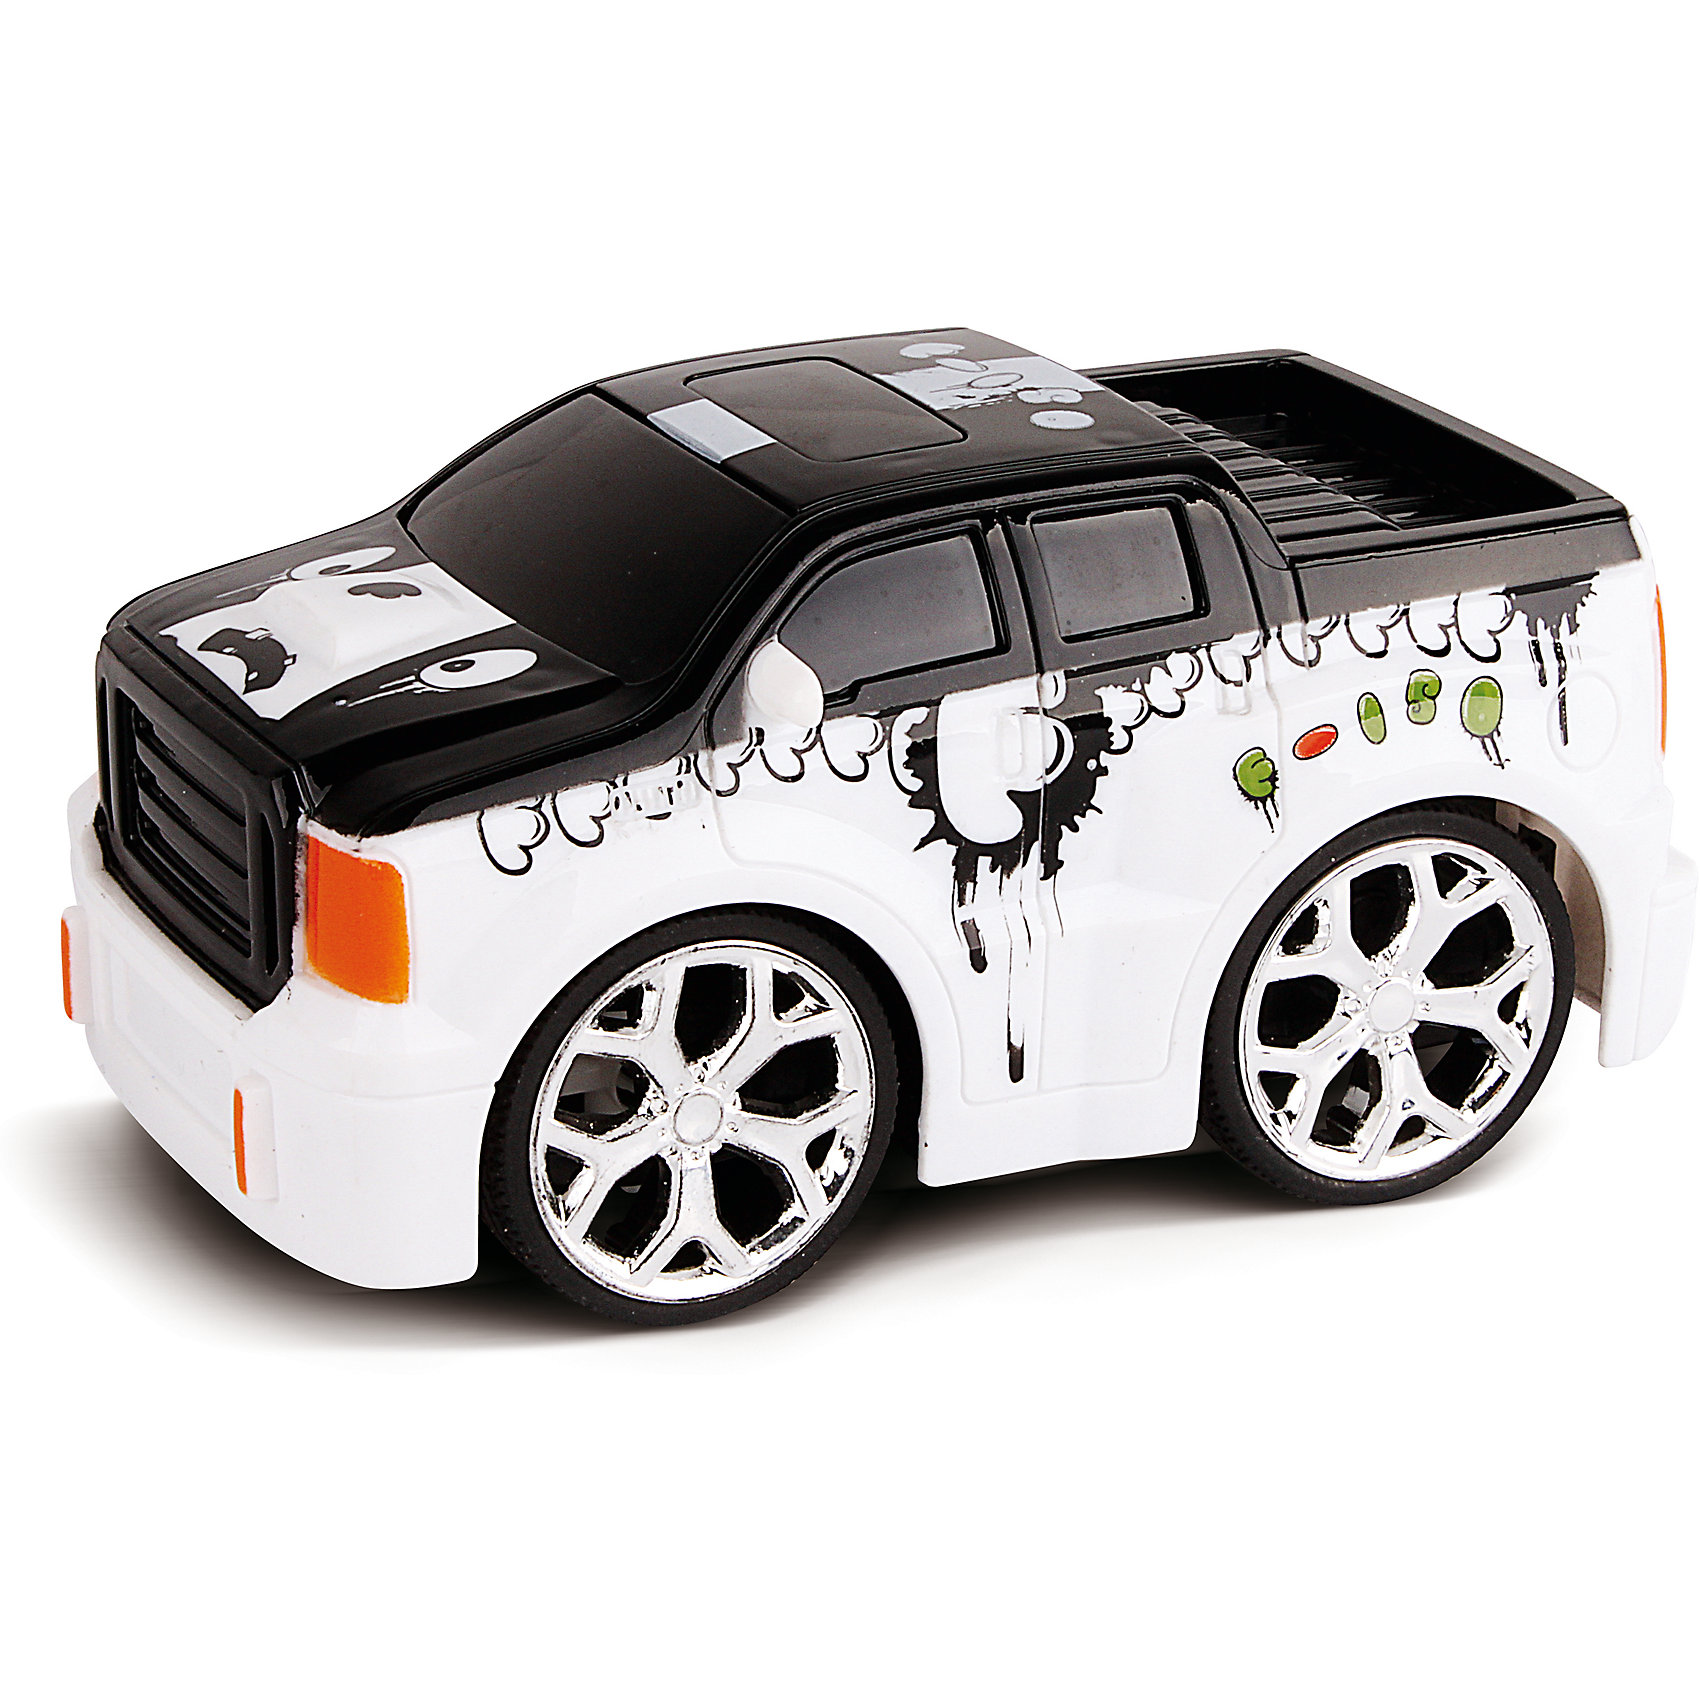 Машинка на радиоуправлении Mini, черная, Blue SeaМашинка на радиоуправлении Mini, черная, Blue Sea (Блу Сии).<br><br>Характеристики:<br><br>- Цвет: черный.<br>- Состав: пластик, металл.<br>- Радиоуправляемая игрушка.<br>- В комплекте: машинка, пульт управления.<br><br>Внимание: элементы питания в комплект не входят!<br><br>Машинка на радиоуправлении Mini, черный – это один из представителей яркой серии машинок Mini Car от бренда Blue Sea (Блу Сии). Она проста в управлении, двигается вперед, назад, влево и вправо. Для того, чтобы начать играть, достаточно просто докупить элементы питания для машинки и пульта управления. Вашему малышу обязательно понравятся простота управления и необычный дизайн в виде яркого внедорожника.<br><br>Машинку на радиоуправлении Mini, черную, Blue Sea(Блу Сии), можно купить в нашем интернет – магазине.<br><br>Ширина мм: 210<br>Глубина мм: 110<br>Высота мм: 110<br>Вес г: 300<br>Возраст от месяцев: 36<br>Возраст до месяцев: 2147483647<br>Пол: Мужской<br>Возраст: Детский<br>SKU: 5419373